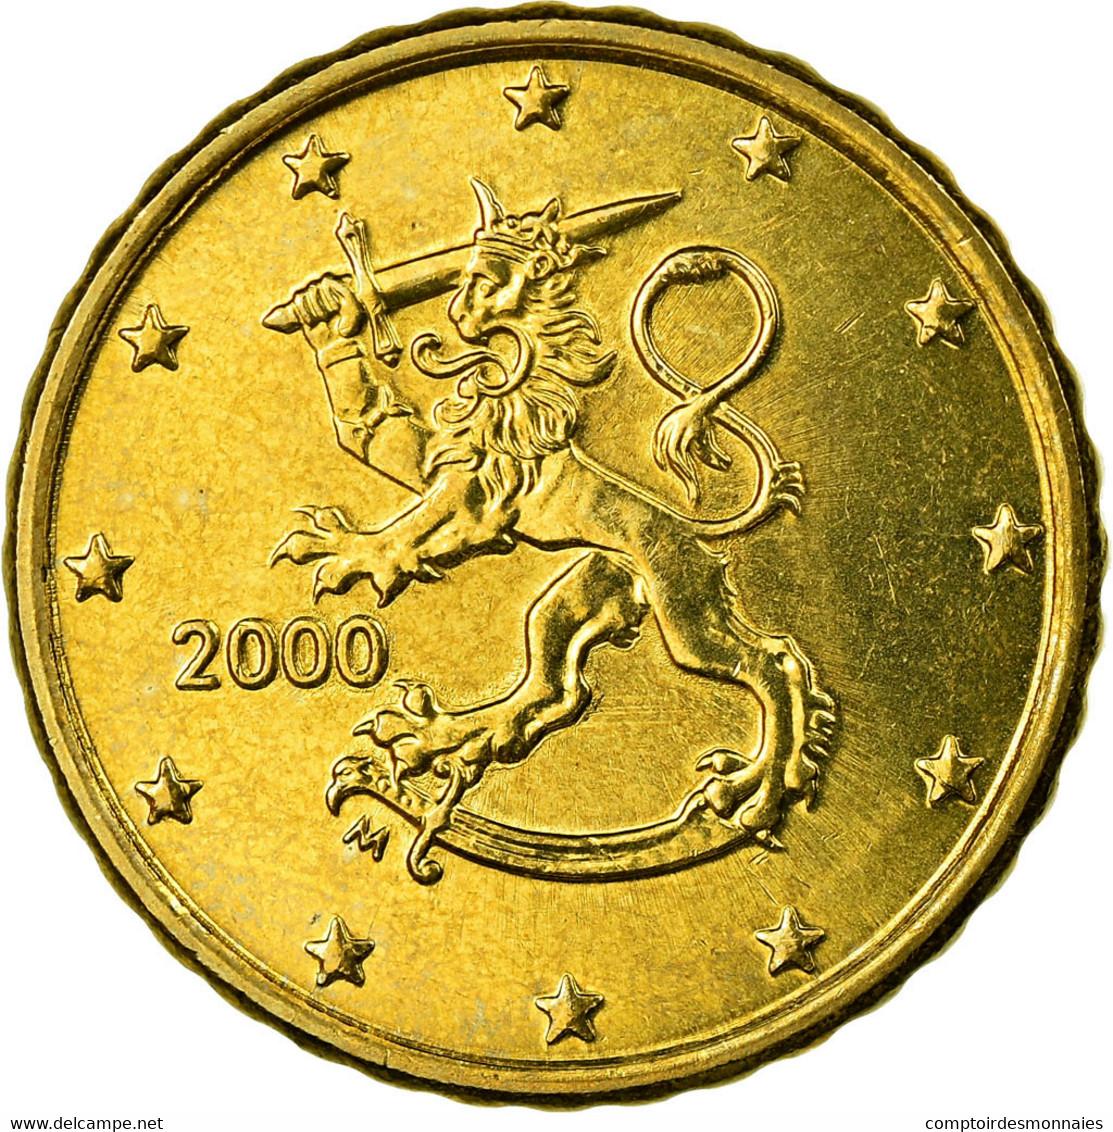 Finlande, 10 Euro Cent, 2000, SUP, Laiton, KM:101 - Autriche